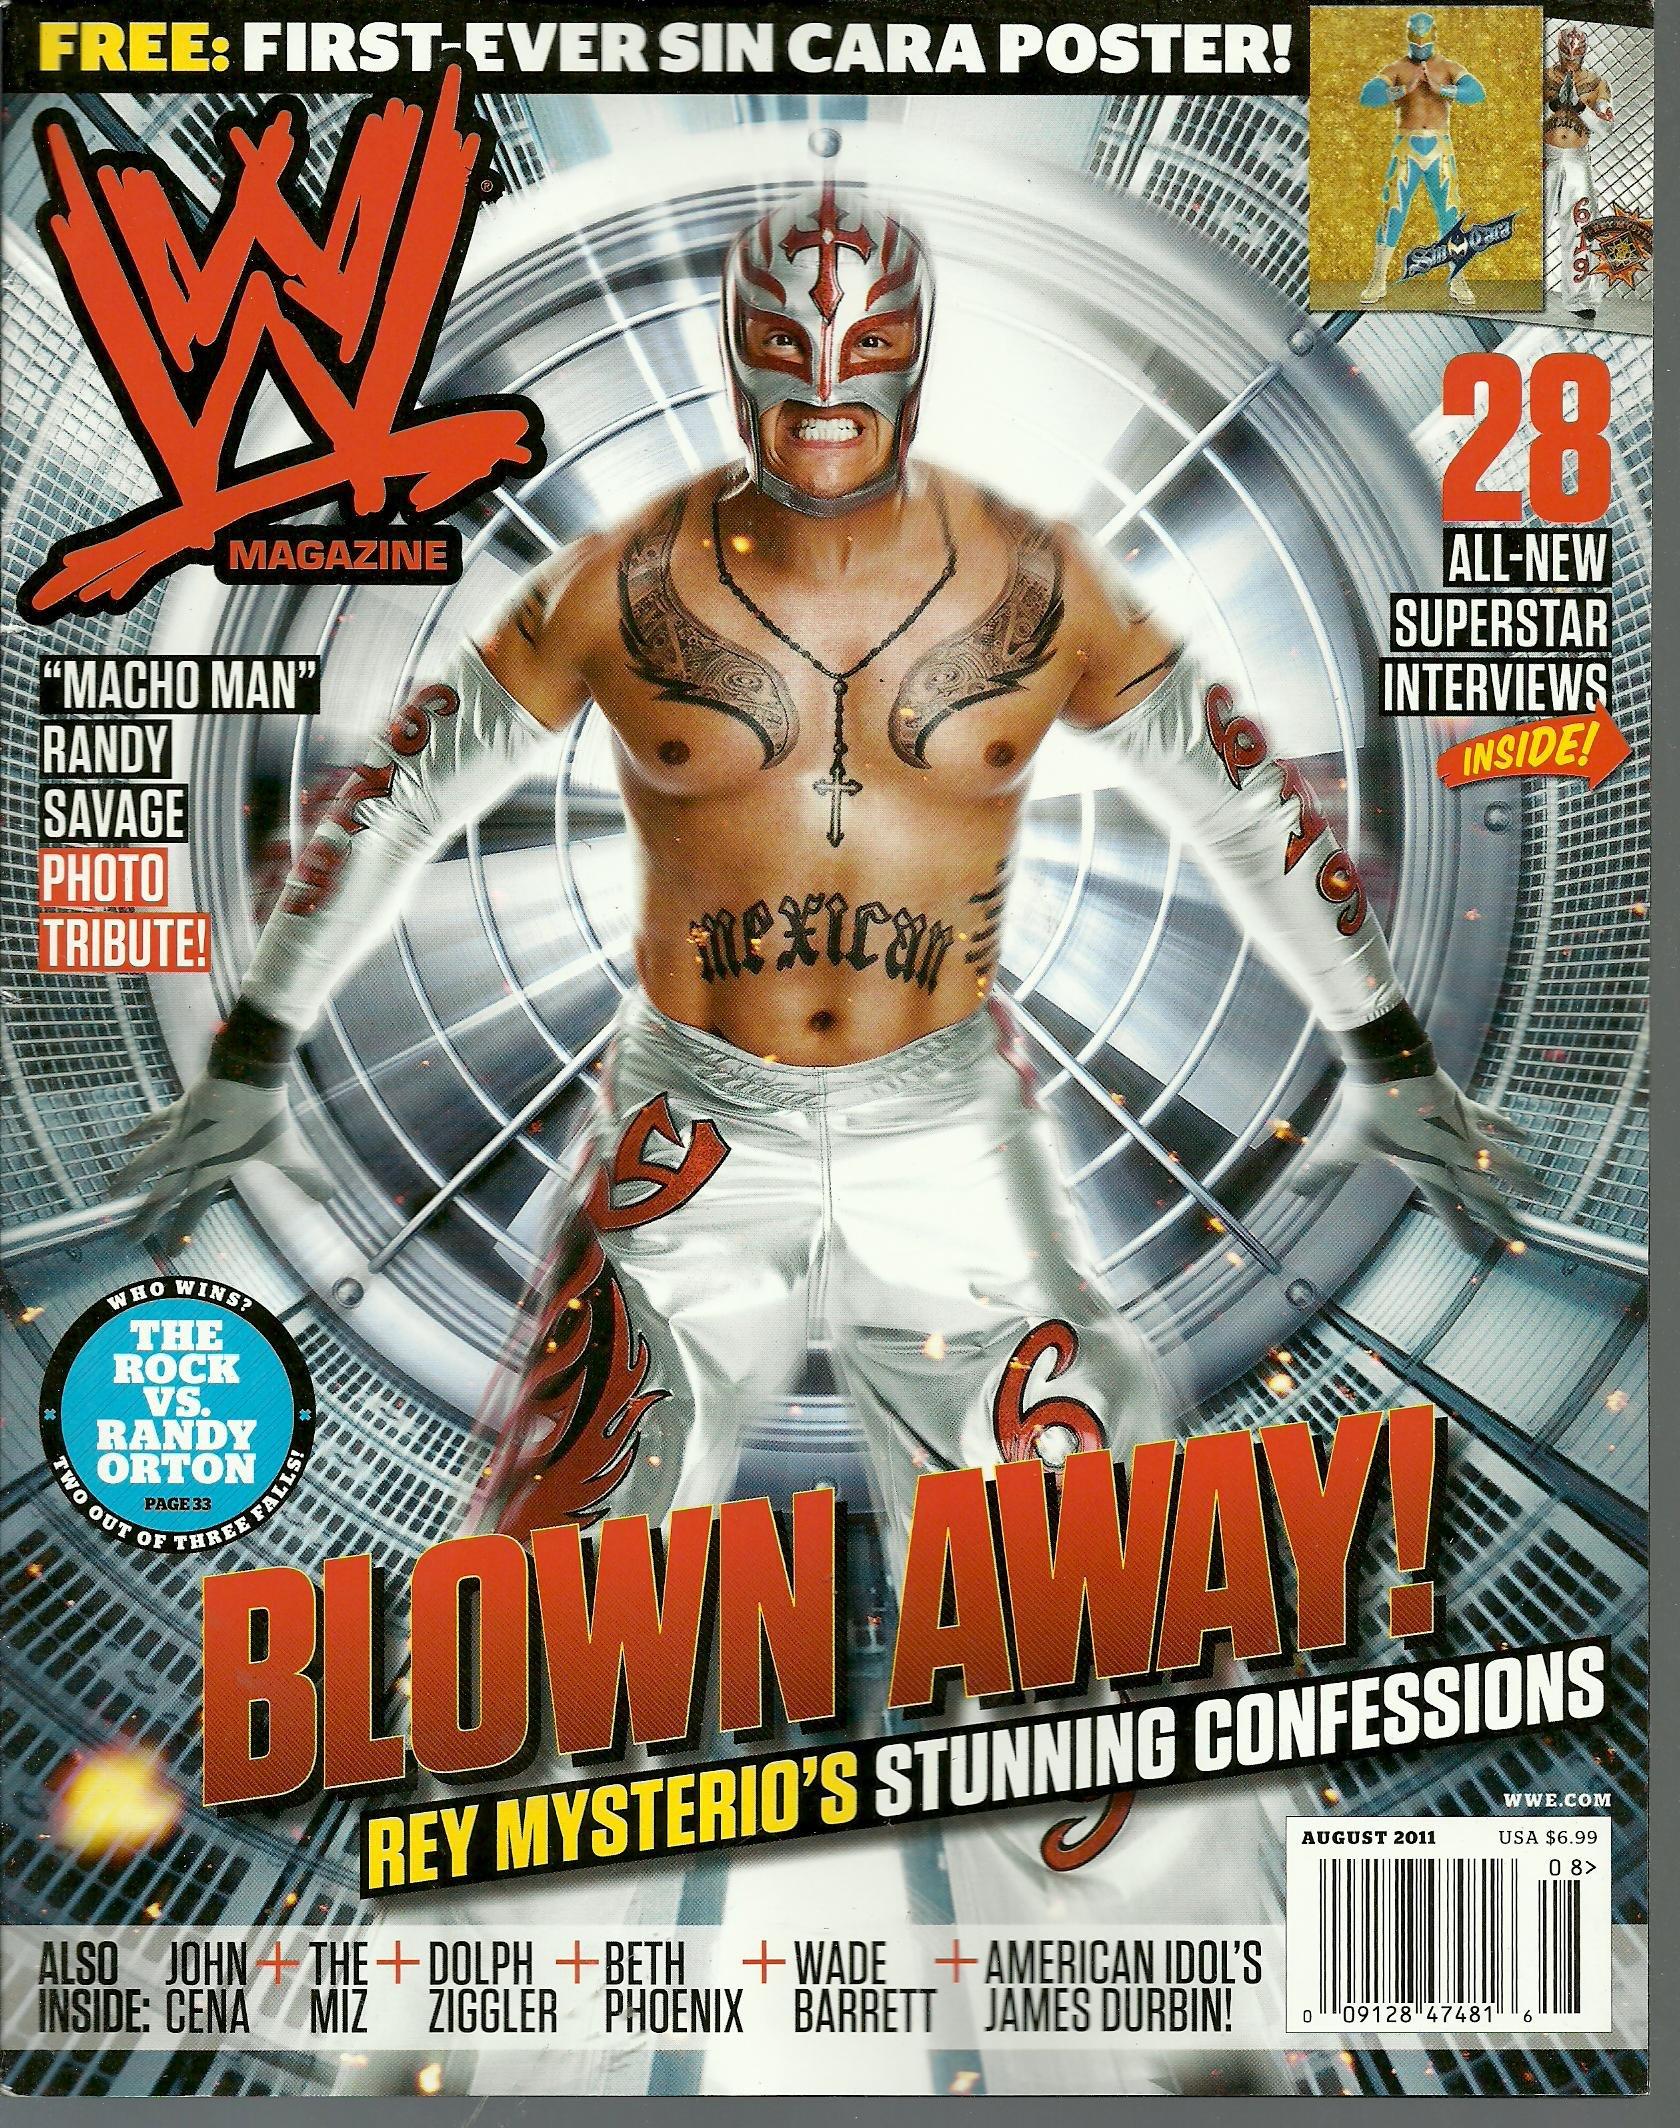 Amazoncom Wwe Magazine August 2011 Rey Mysterio 1st Sin